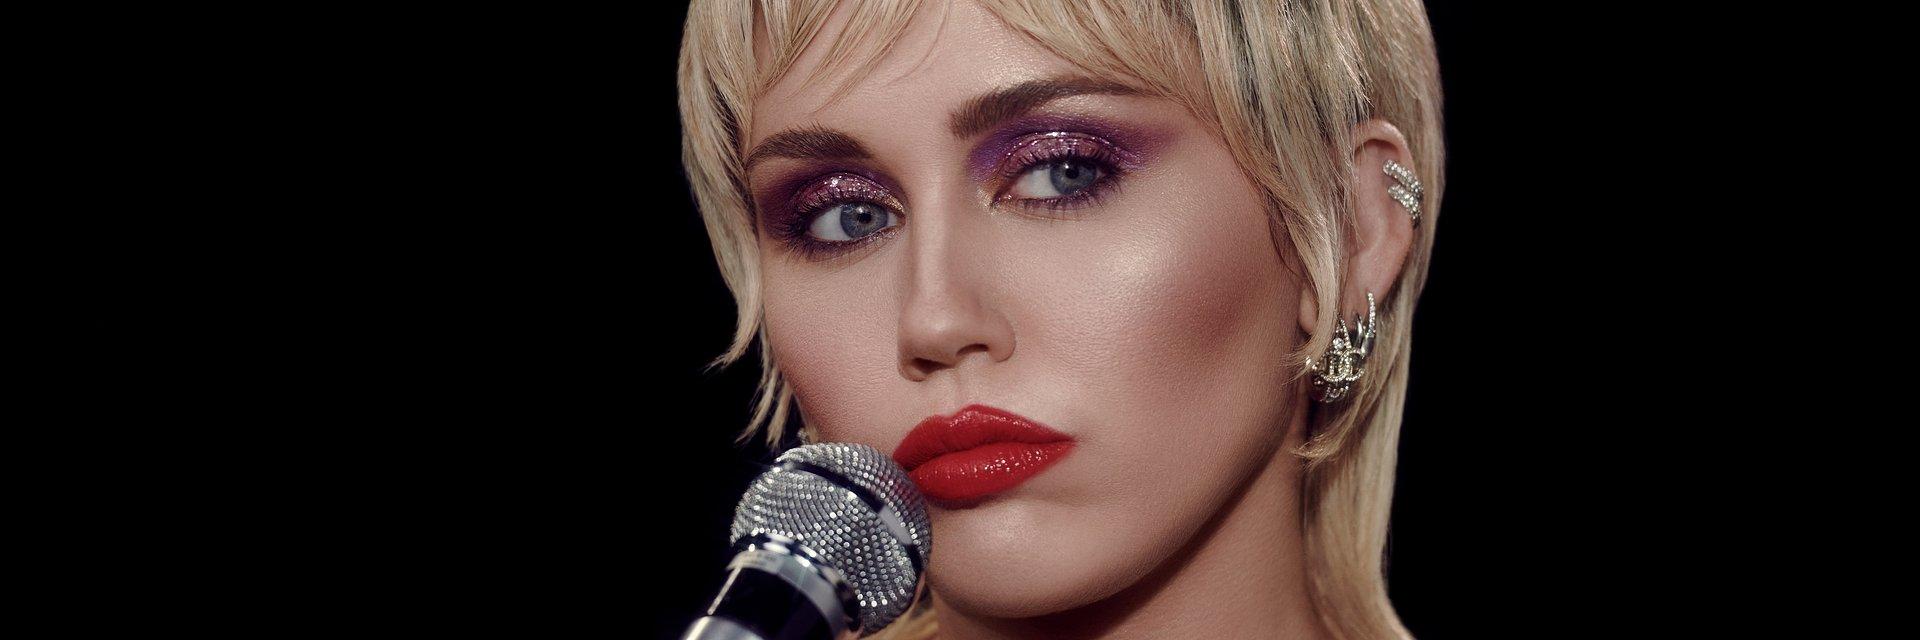 Miley Cyrus od 6 tygodni numerem 1 w brytyjskich rozgłośniach!